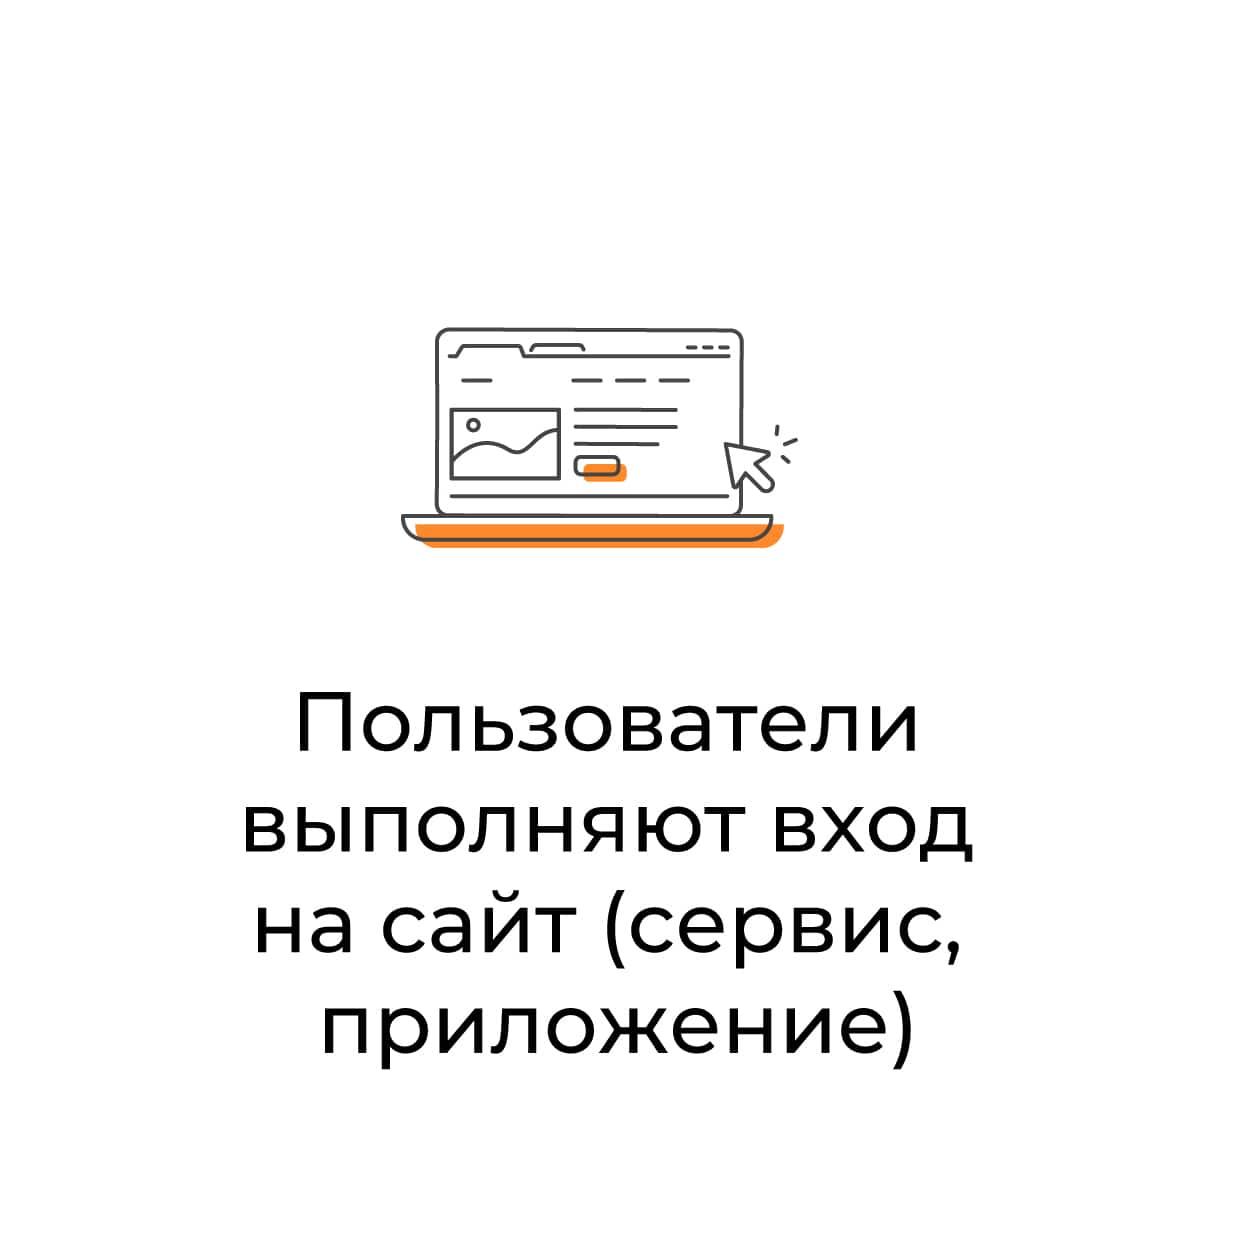 Users login